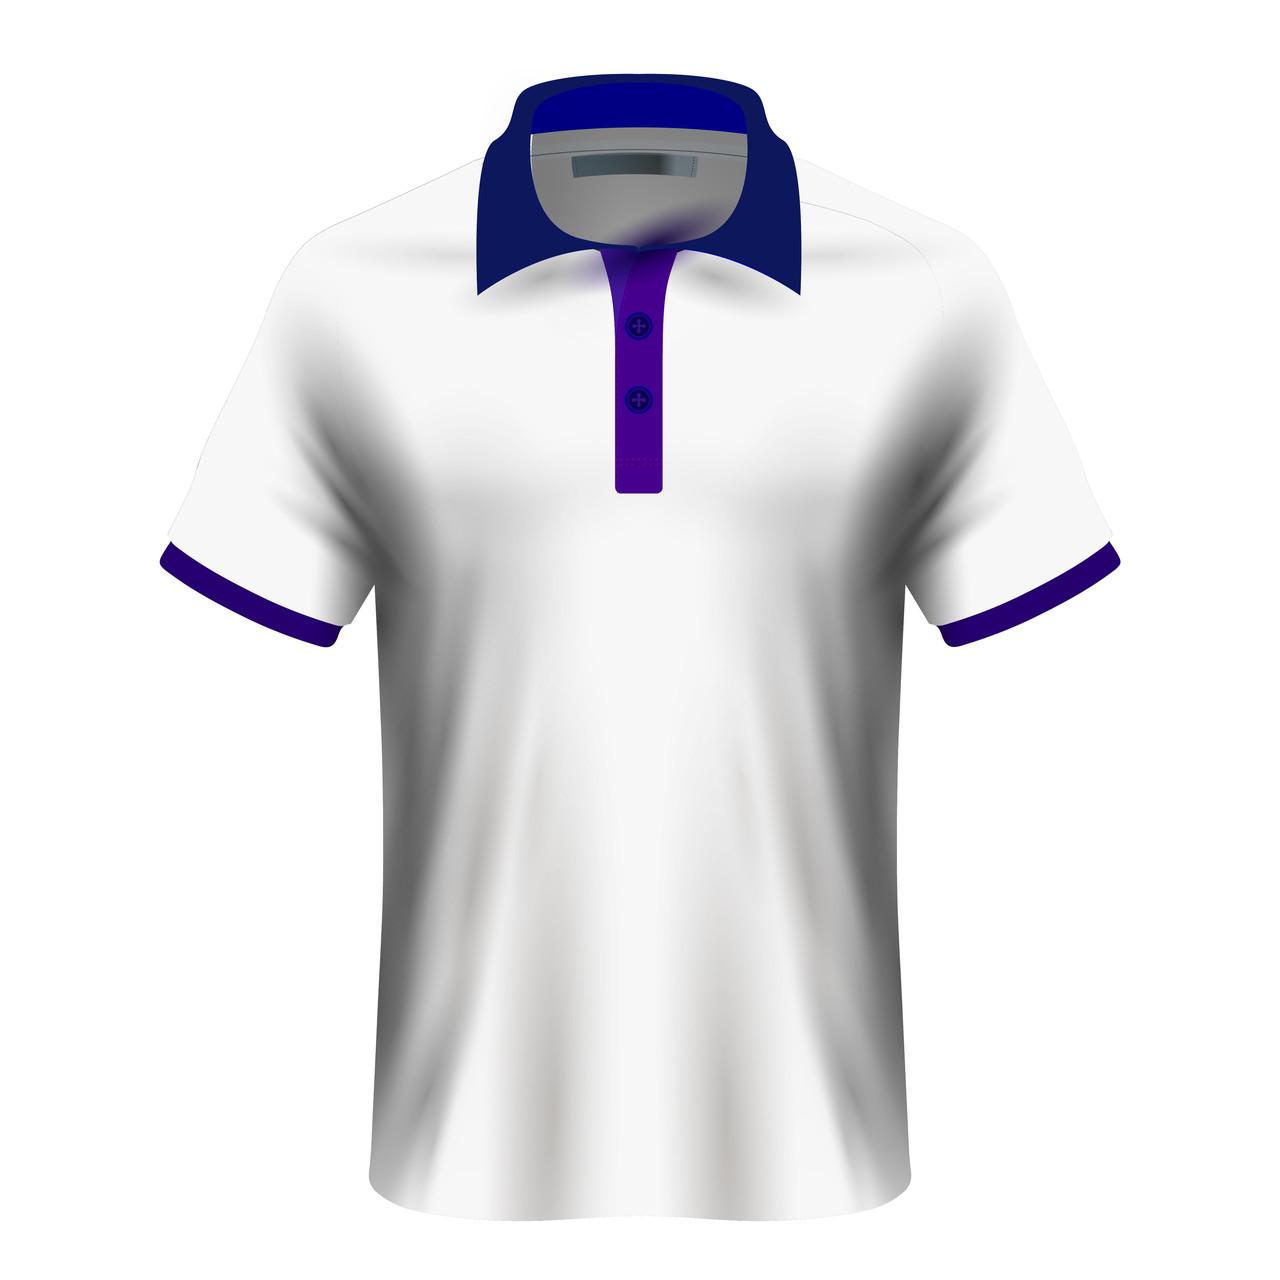 Мужская футболка поло для сублимации, белый/синий